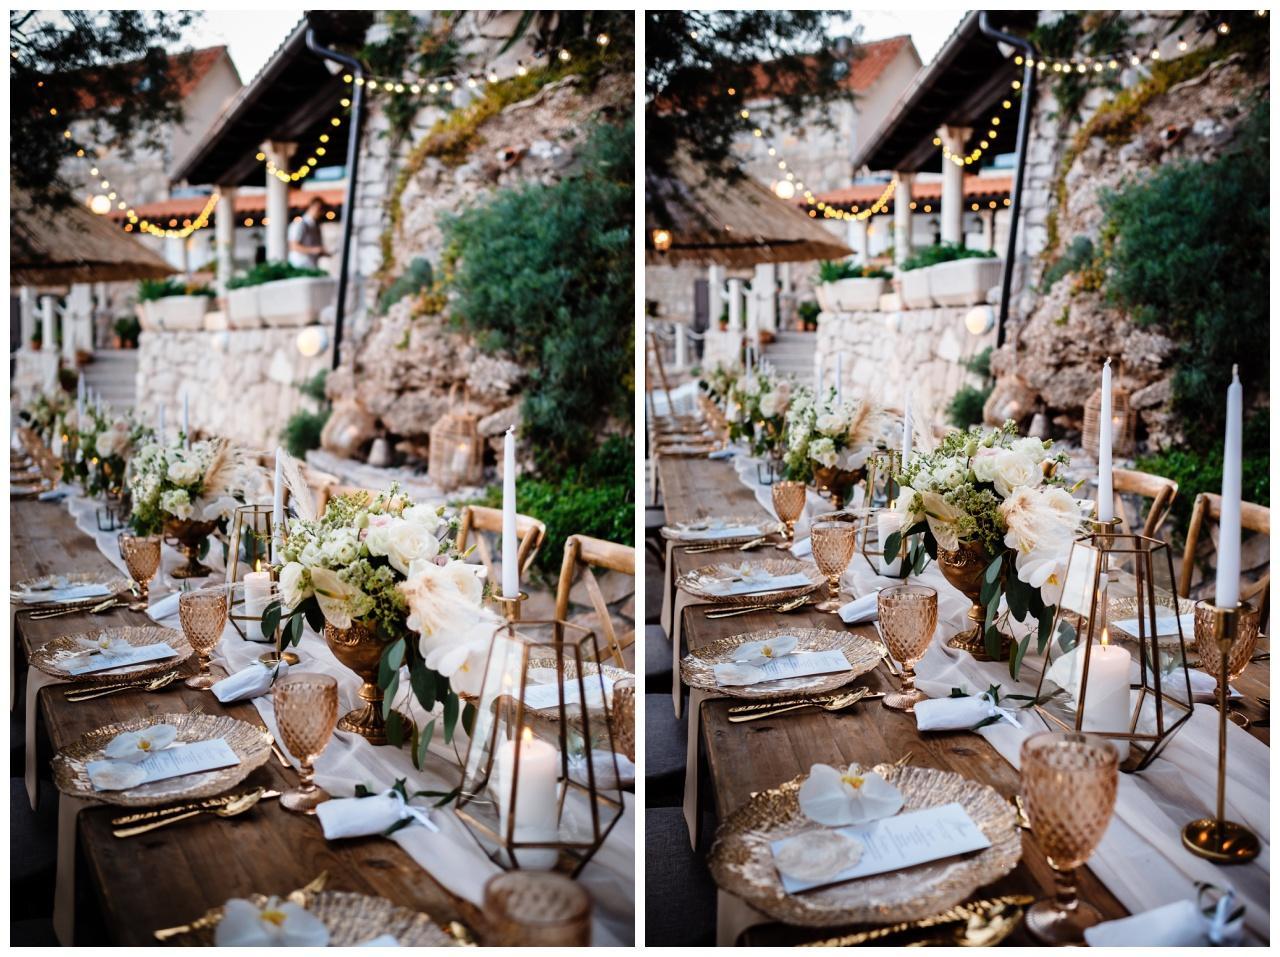 hochzeit brac inse boho heiraten kroatien hochzeitsplaner 61 - Glam Boho Hochzeit auf der Insel Brač